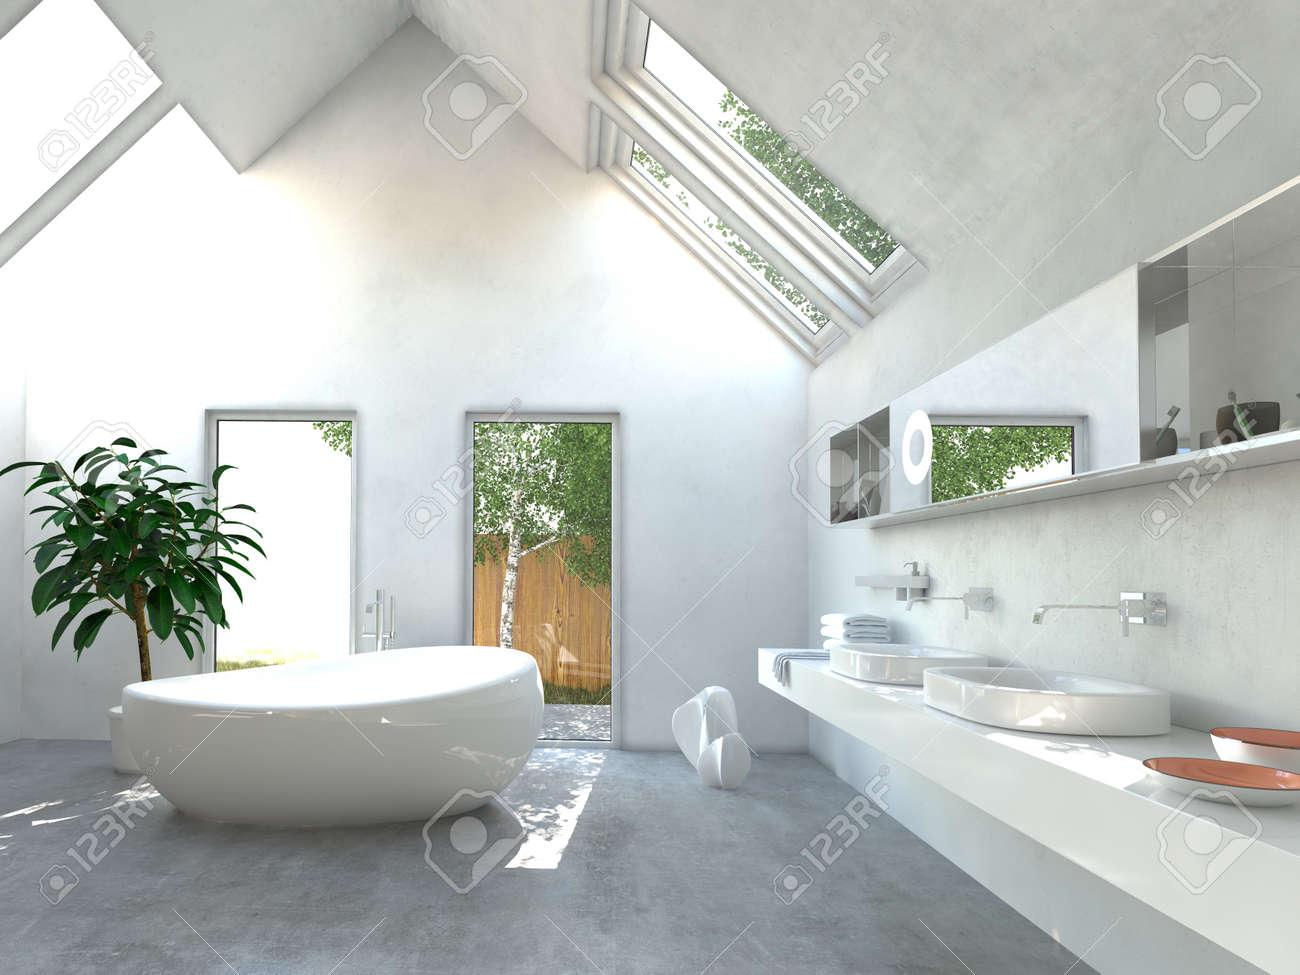 Vasca Da Bagno Espanol : Immagini stock luce moderno bagno interno luminoso con parete